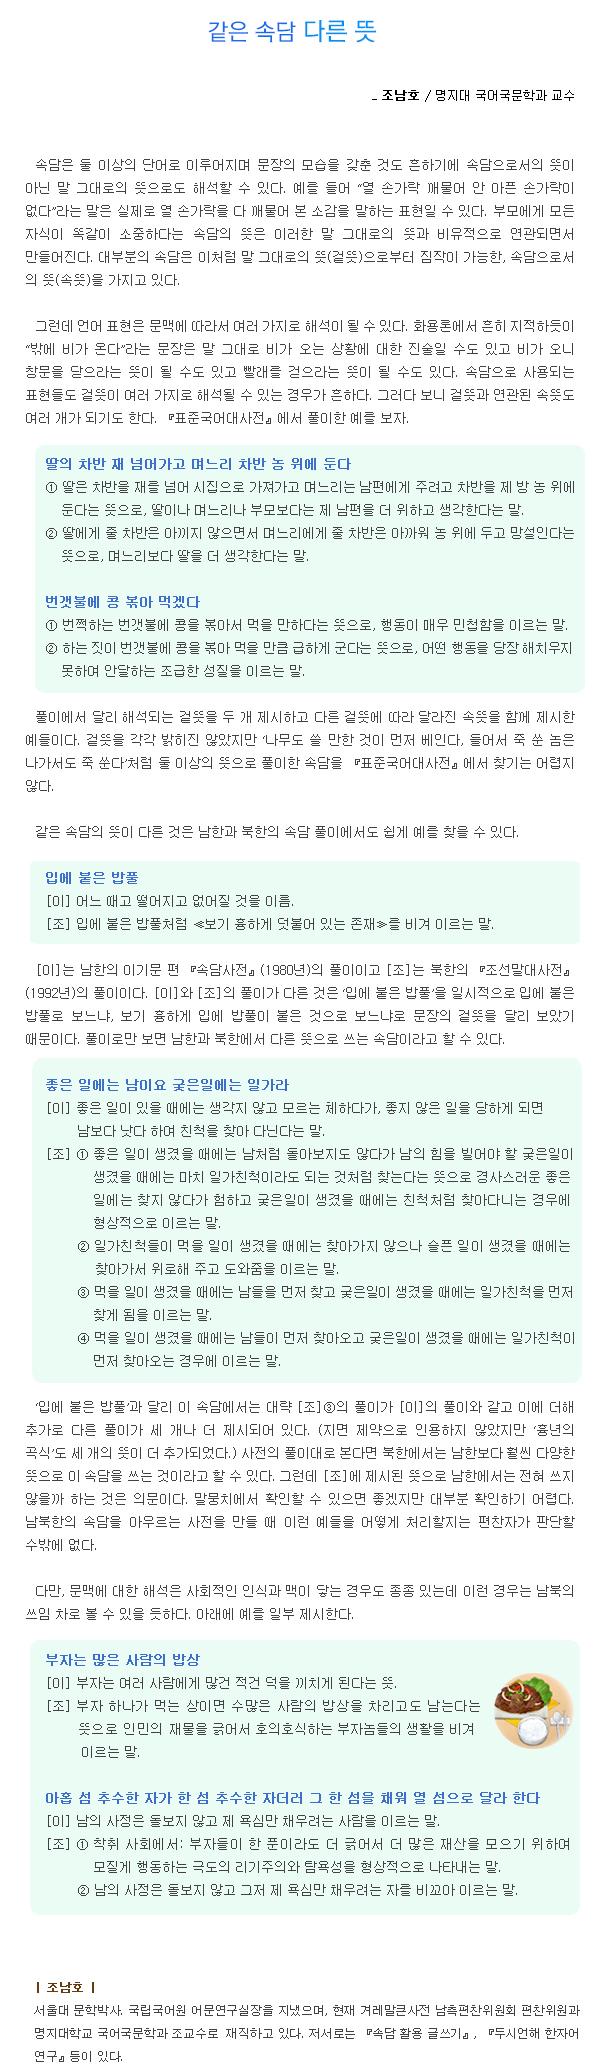 남녘말-북녘말_조남호-1.jpg